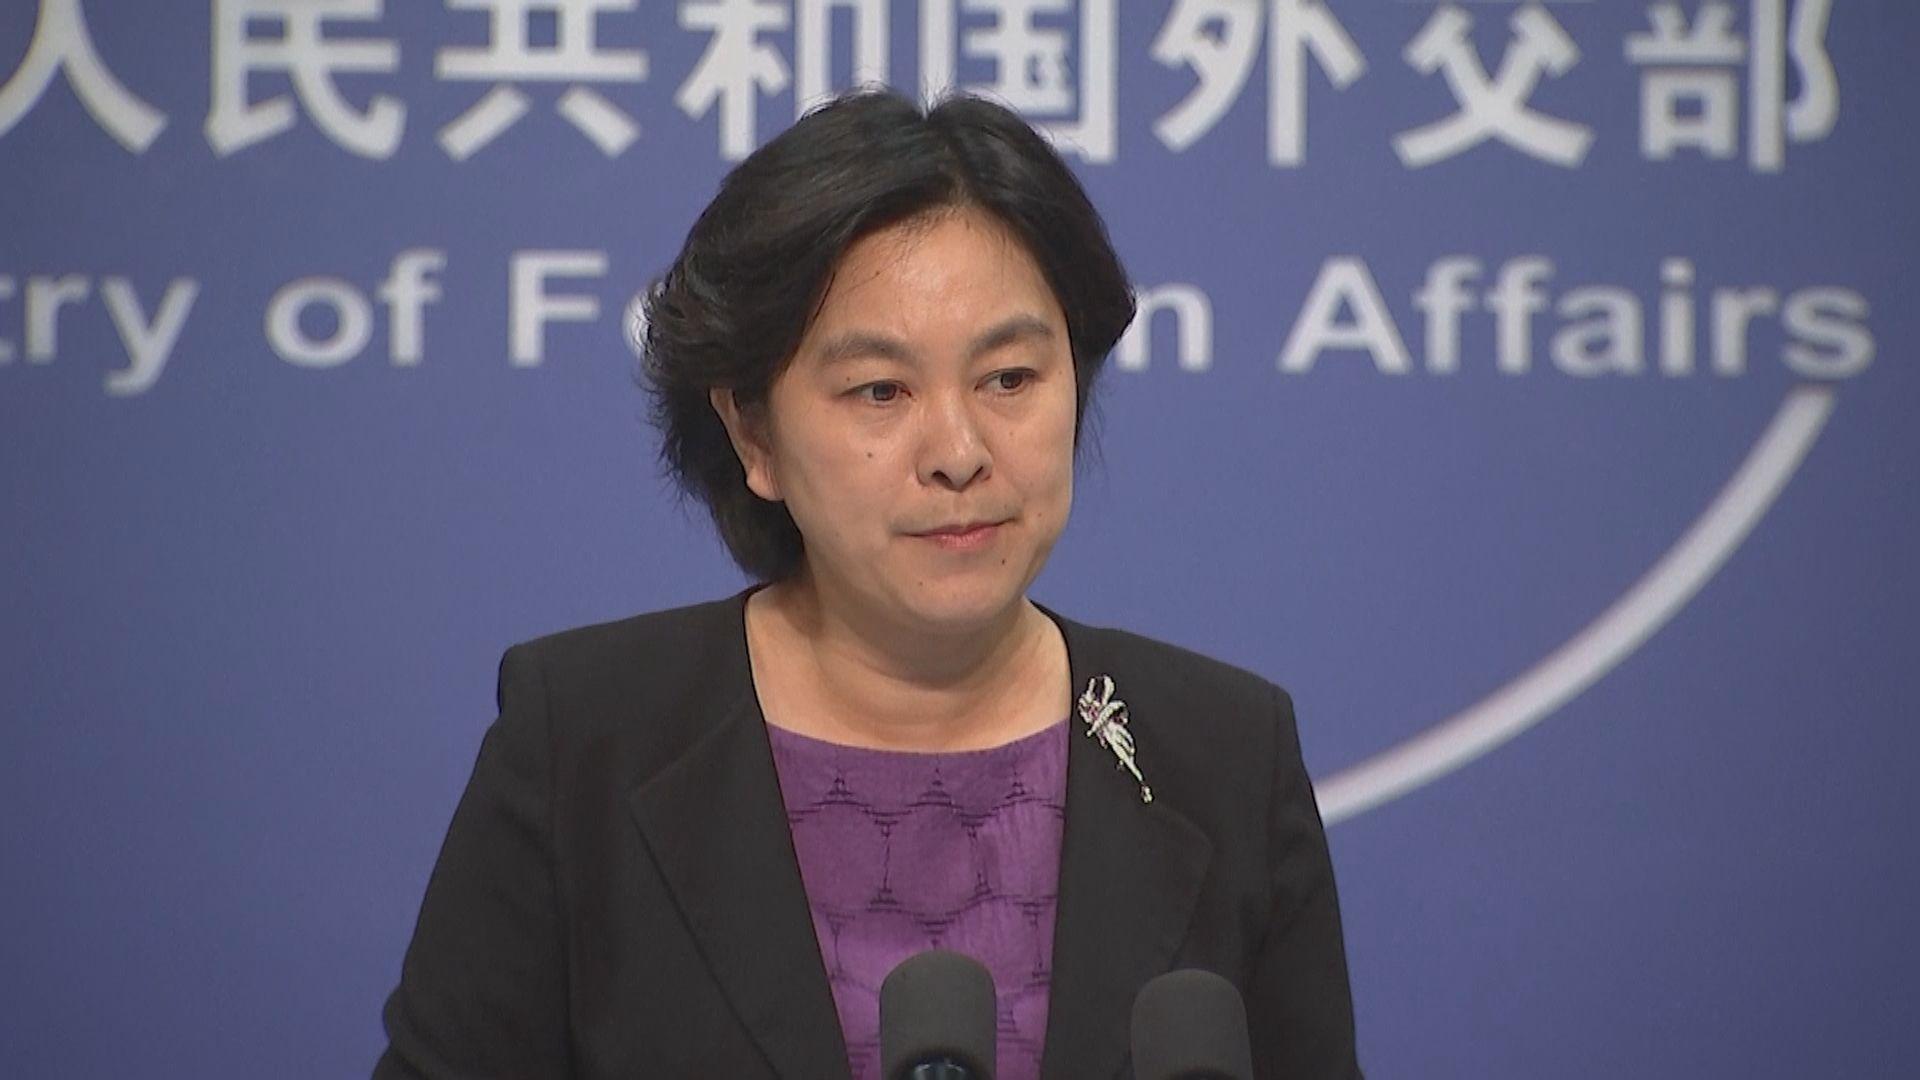 外交部質疑美國在香港事件中扮演甚麼角色